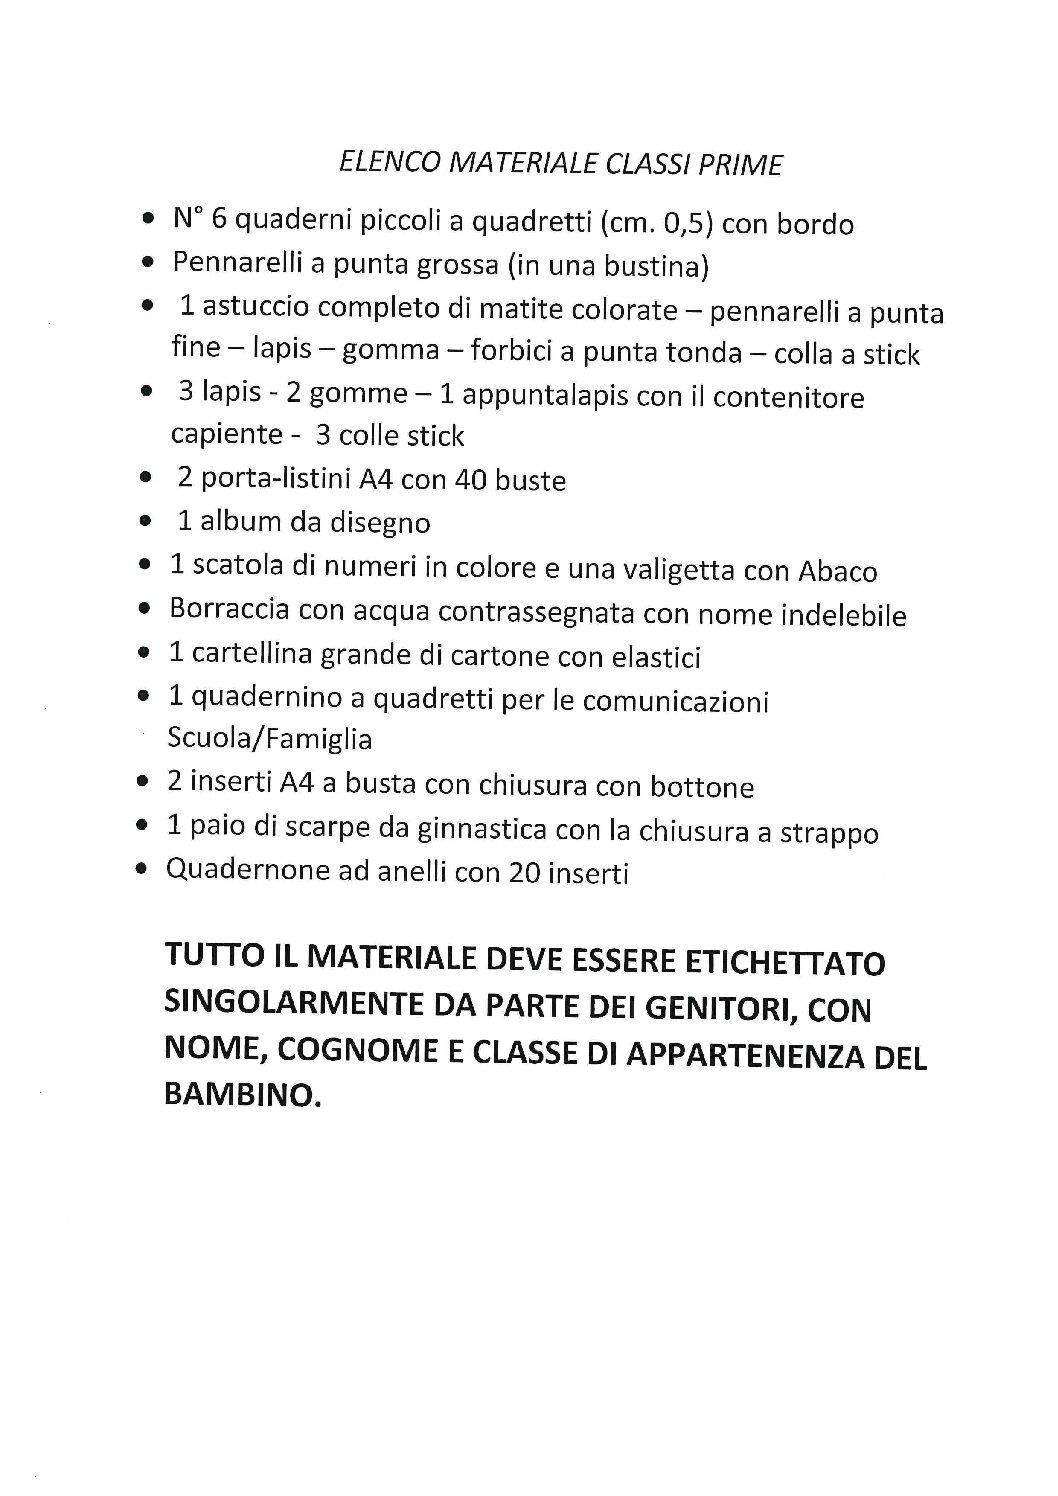 """ELENCO MATERIALE CLASSI PRIME DELLA SCUOLA PRIMARIA """"DANTE ALIGHIERI"""""""